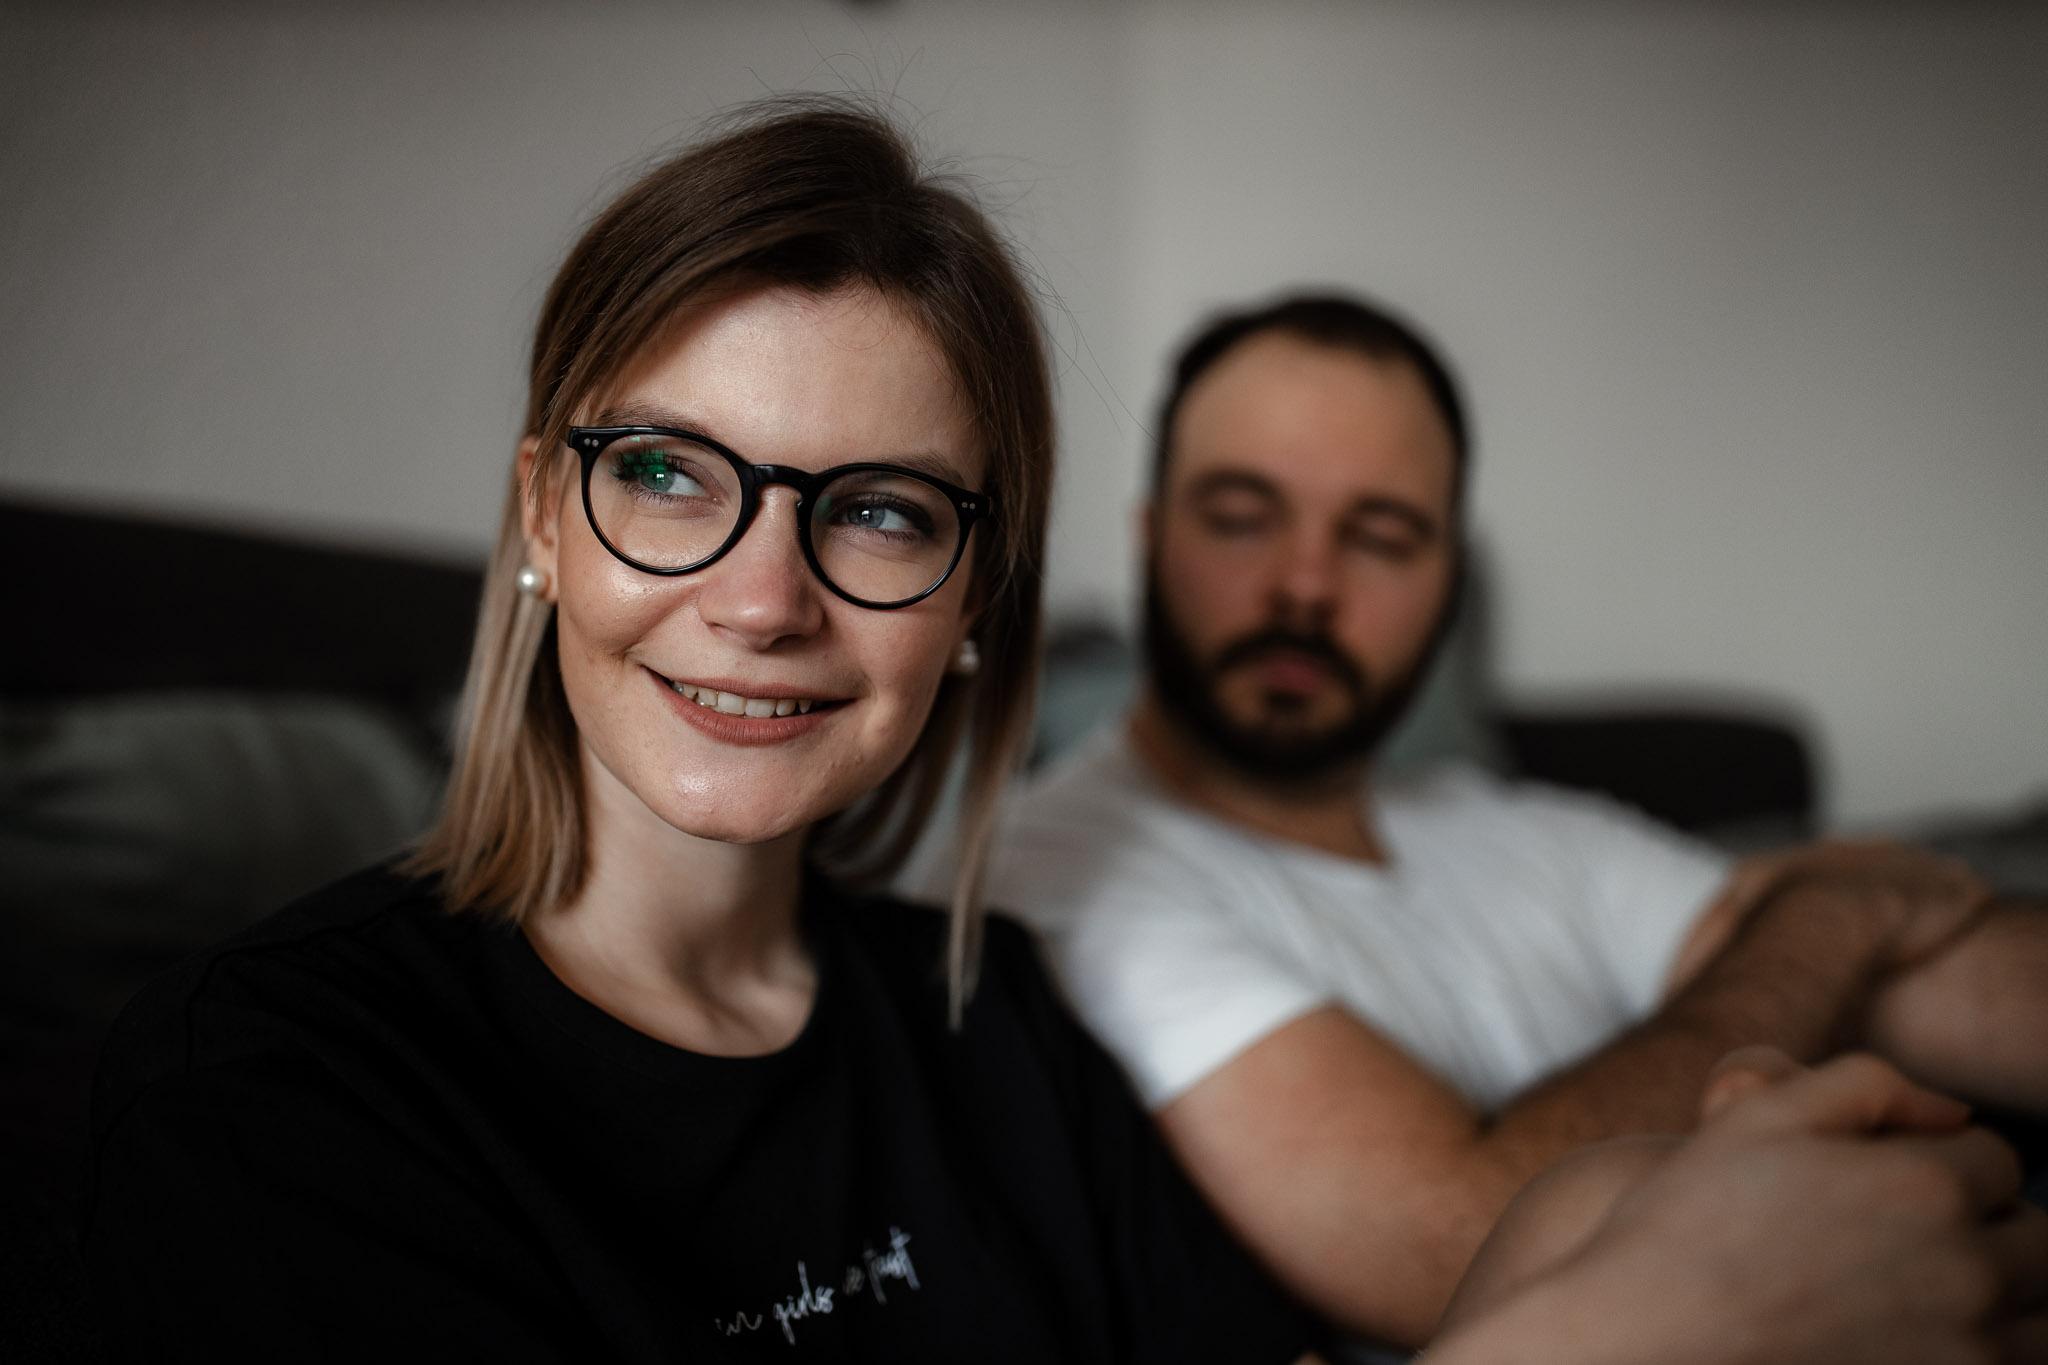 Paarfotos zu Hause - Homestory mit Sarah und Max in Worms 32